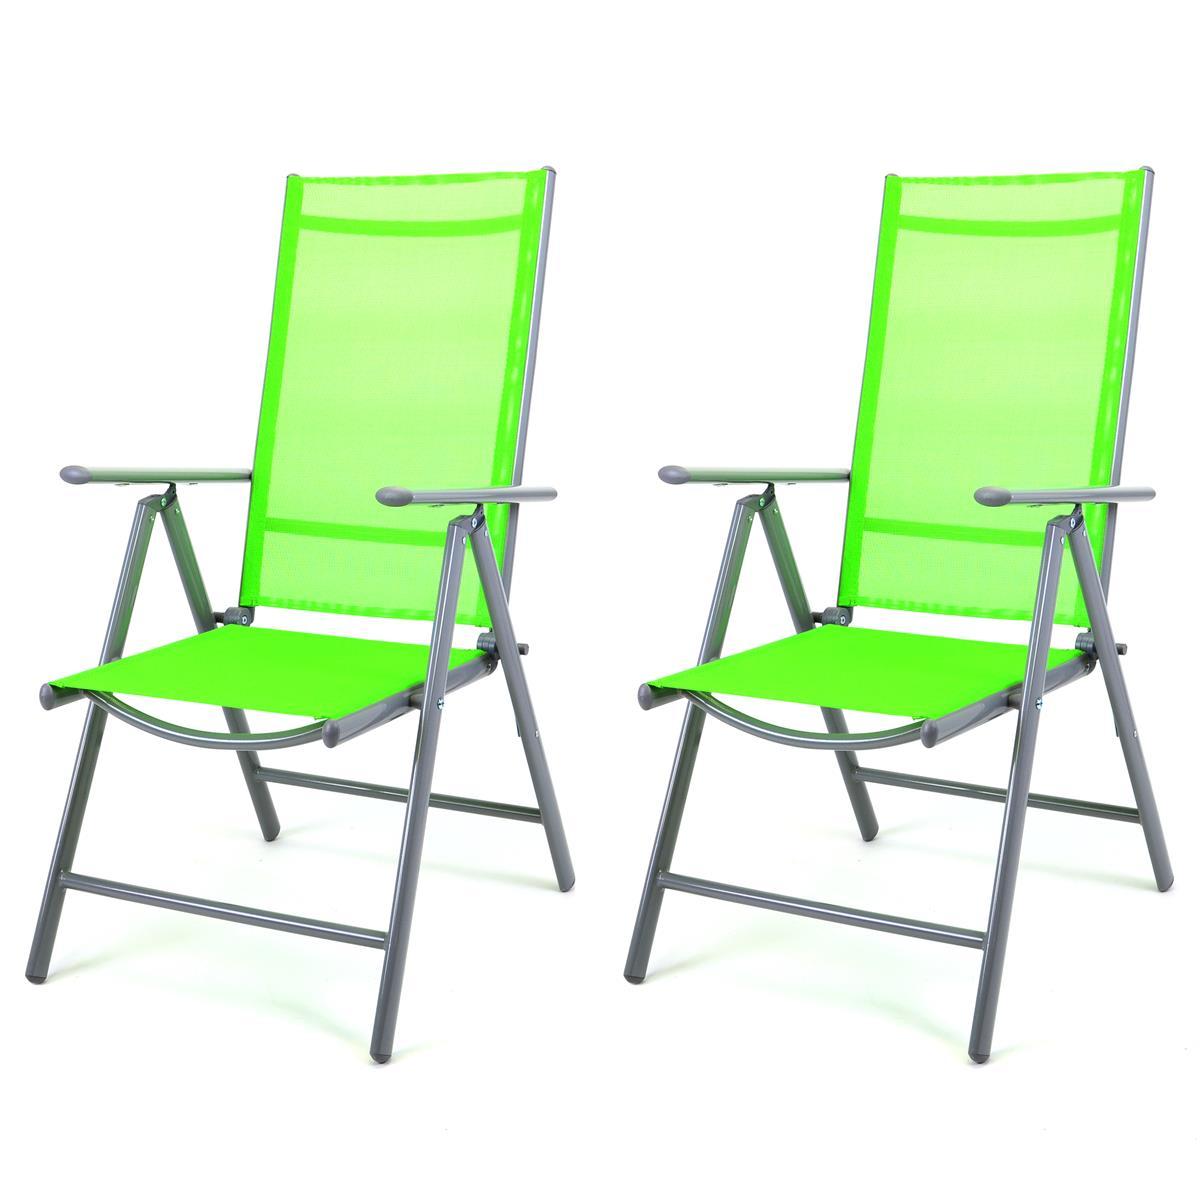 2er Set Klappstuhl grün Klappsessel Gartenstuhl Campingstuhl Liegestuhl Alu